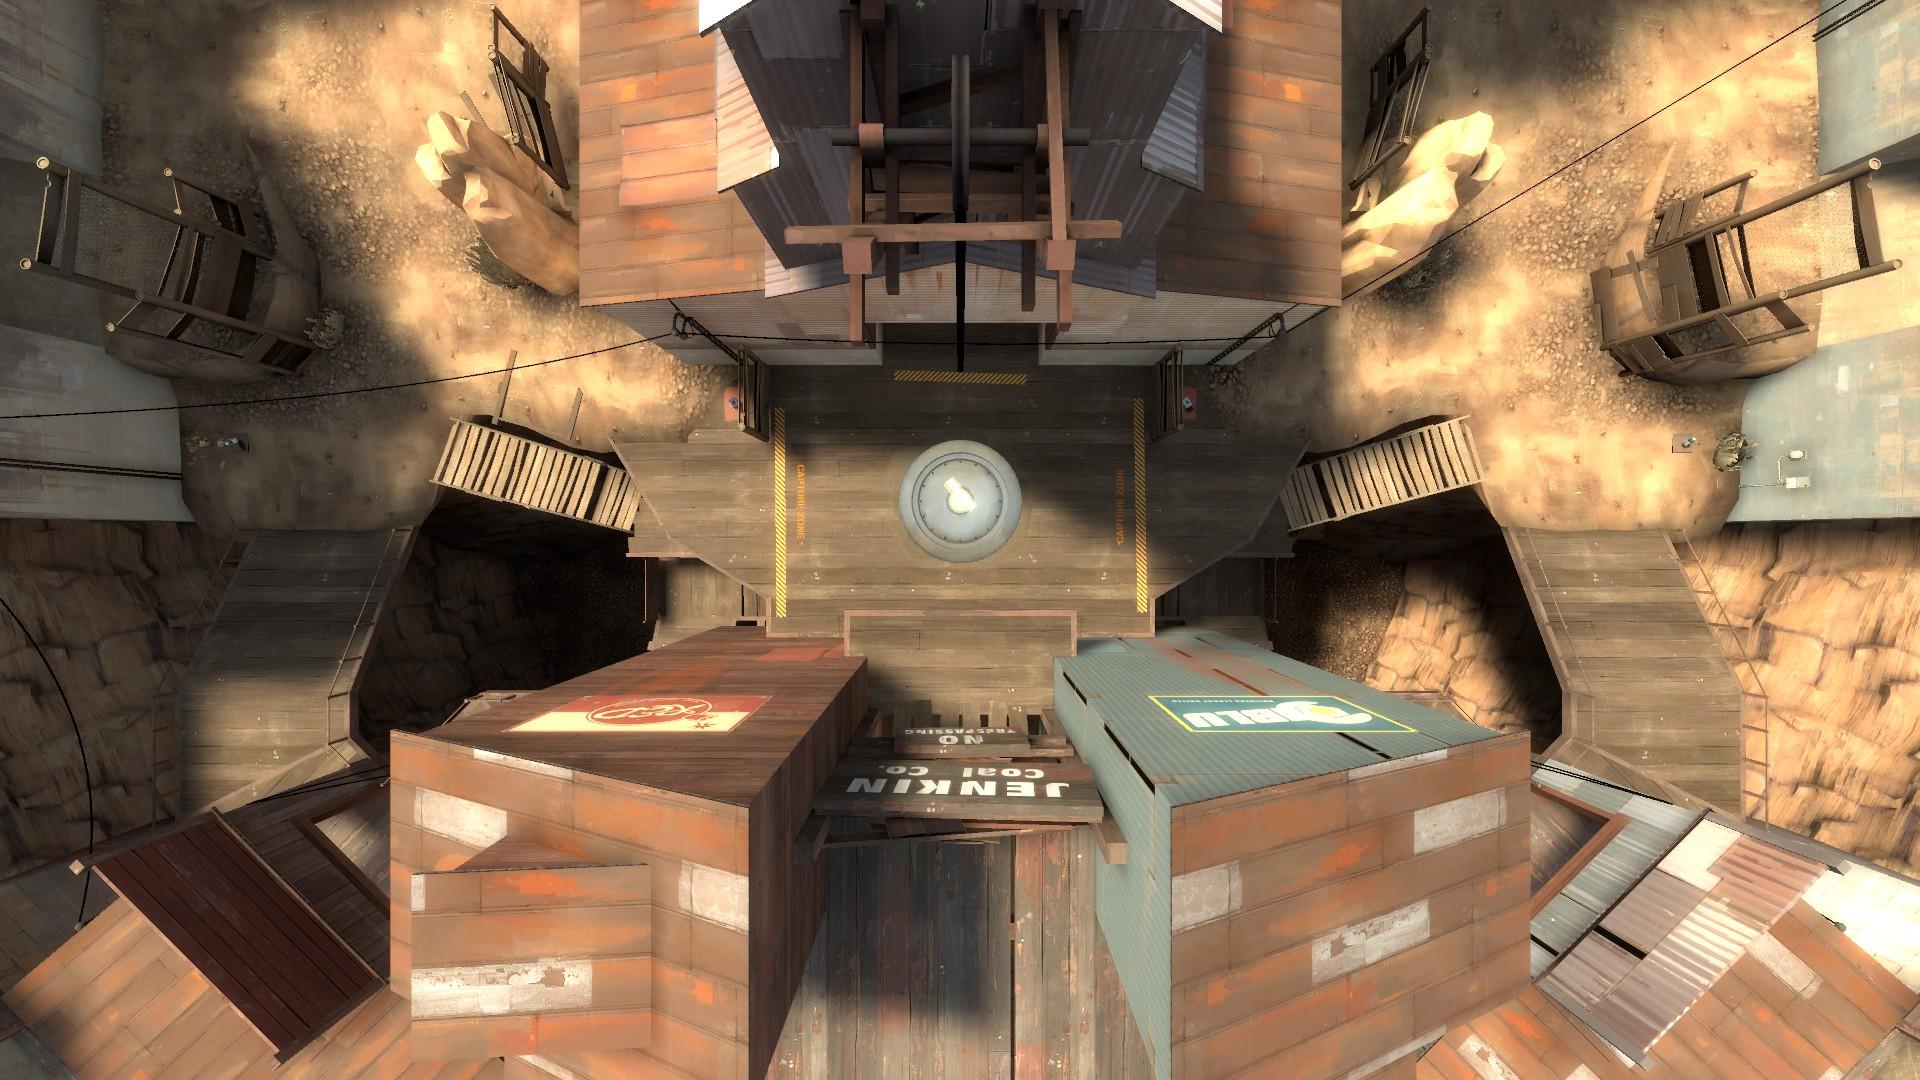 koth_quarry_rc5 thumbnail